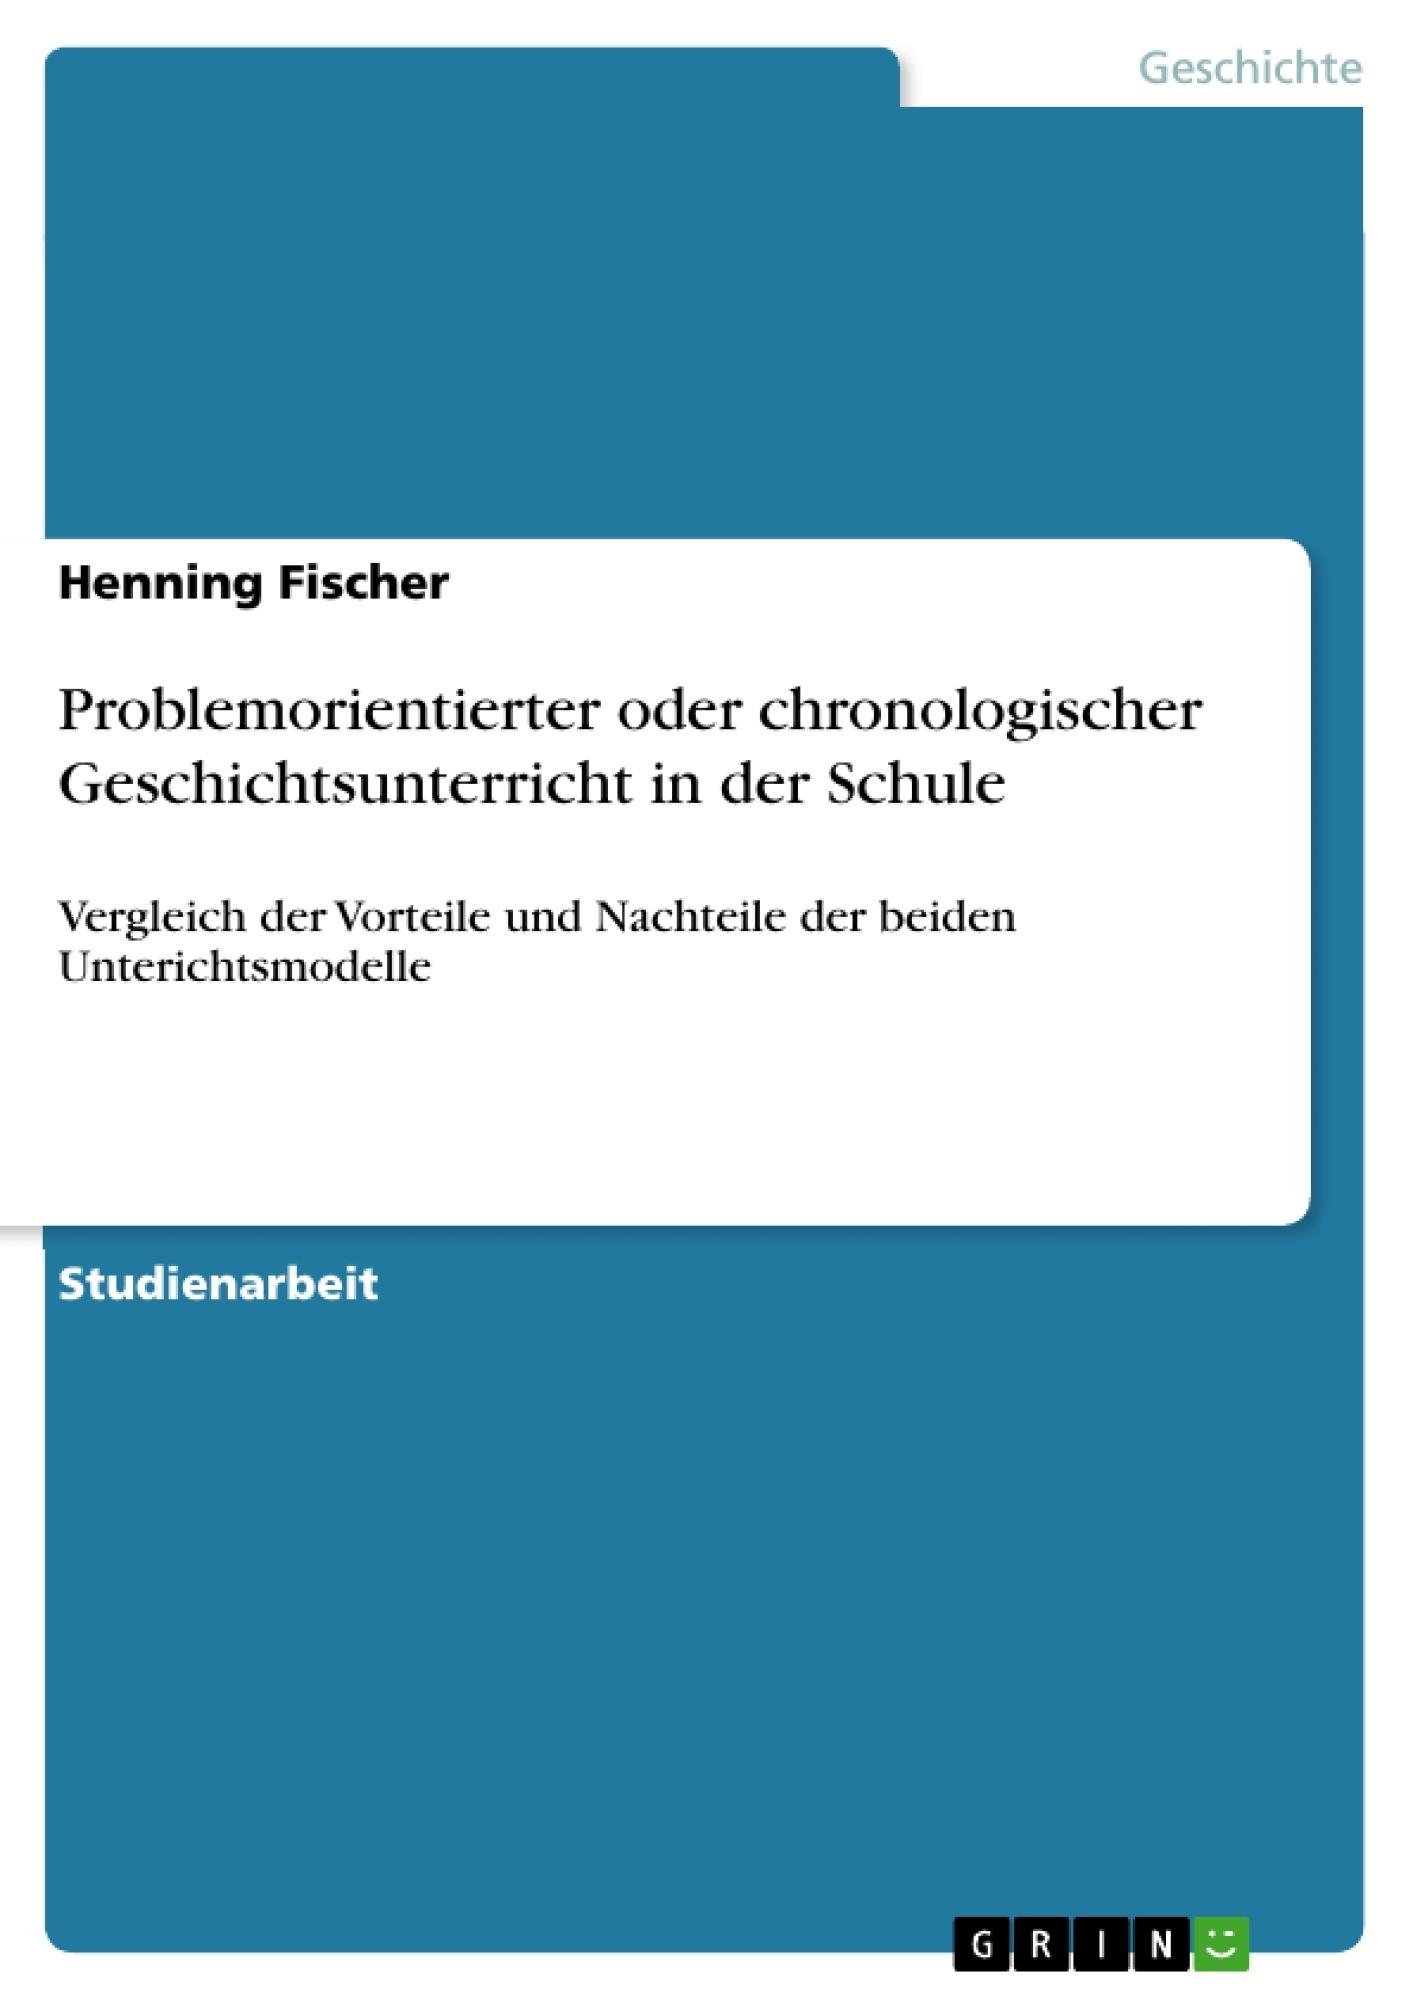 Titel: Problemorientierter oder chronologischer Geschichtsunterricht in der Schule